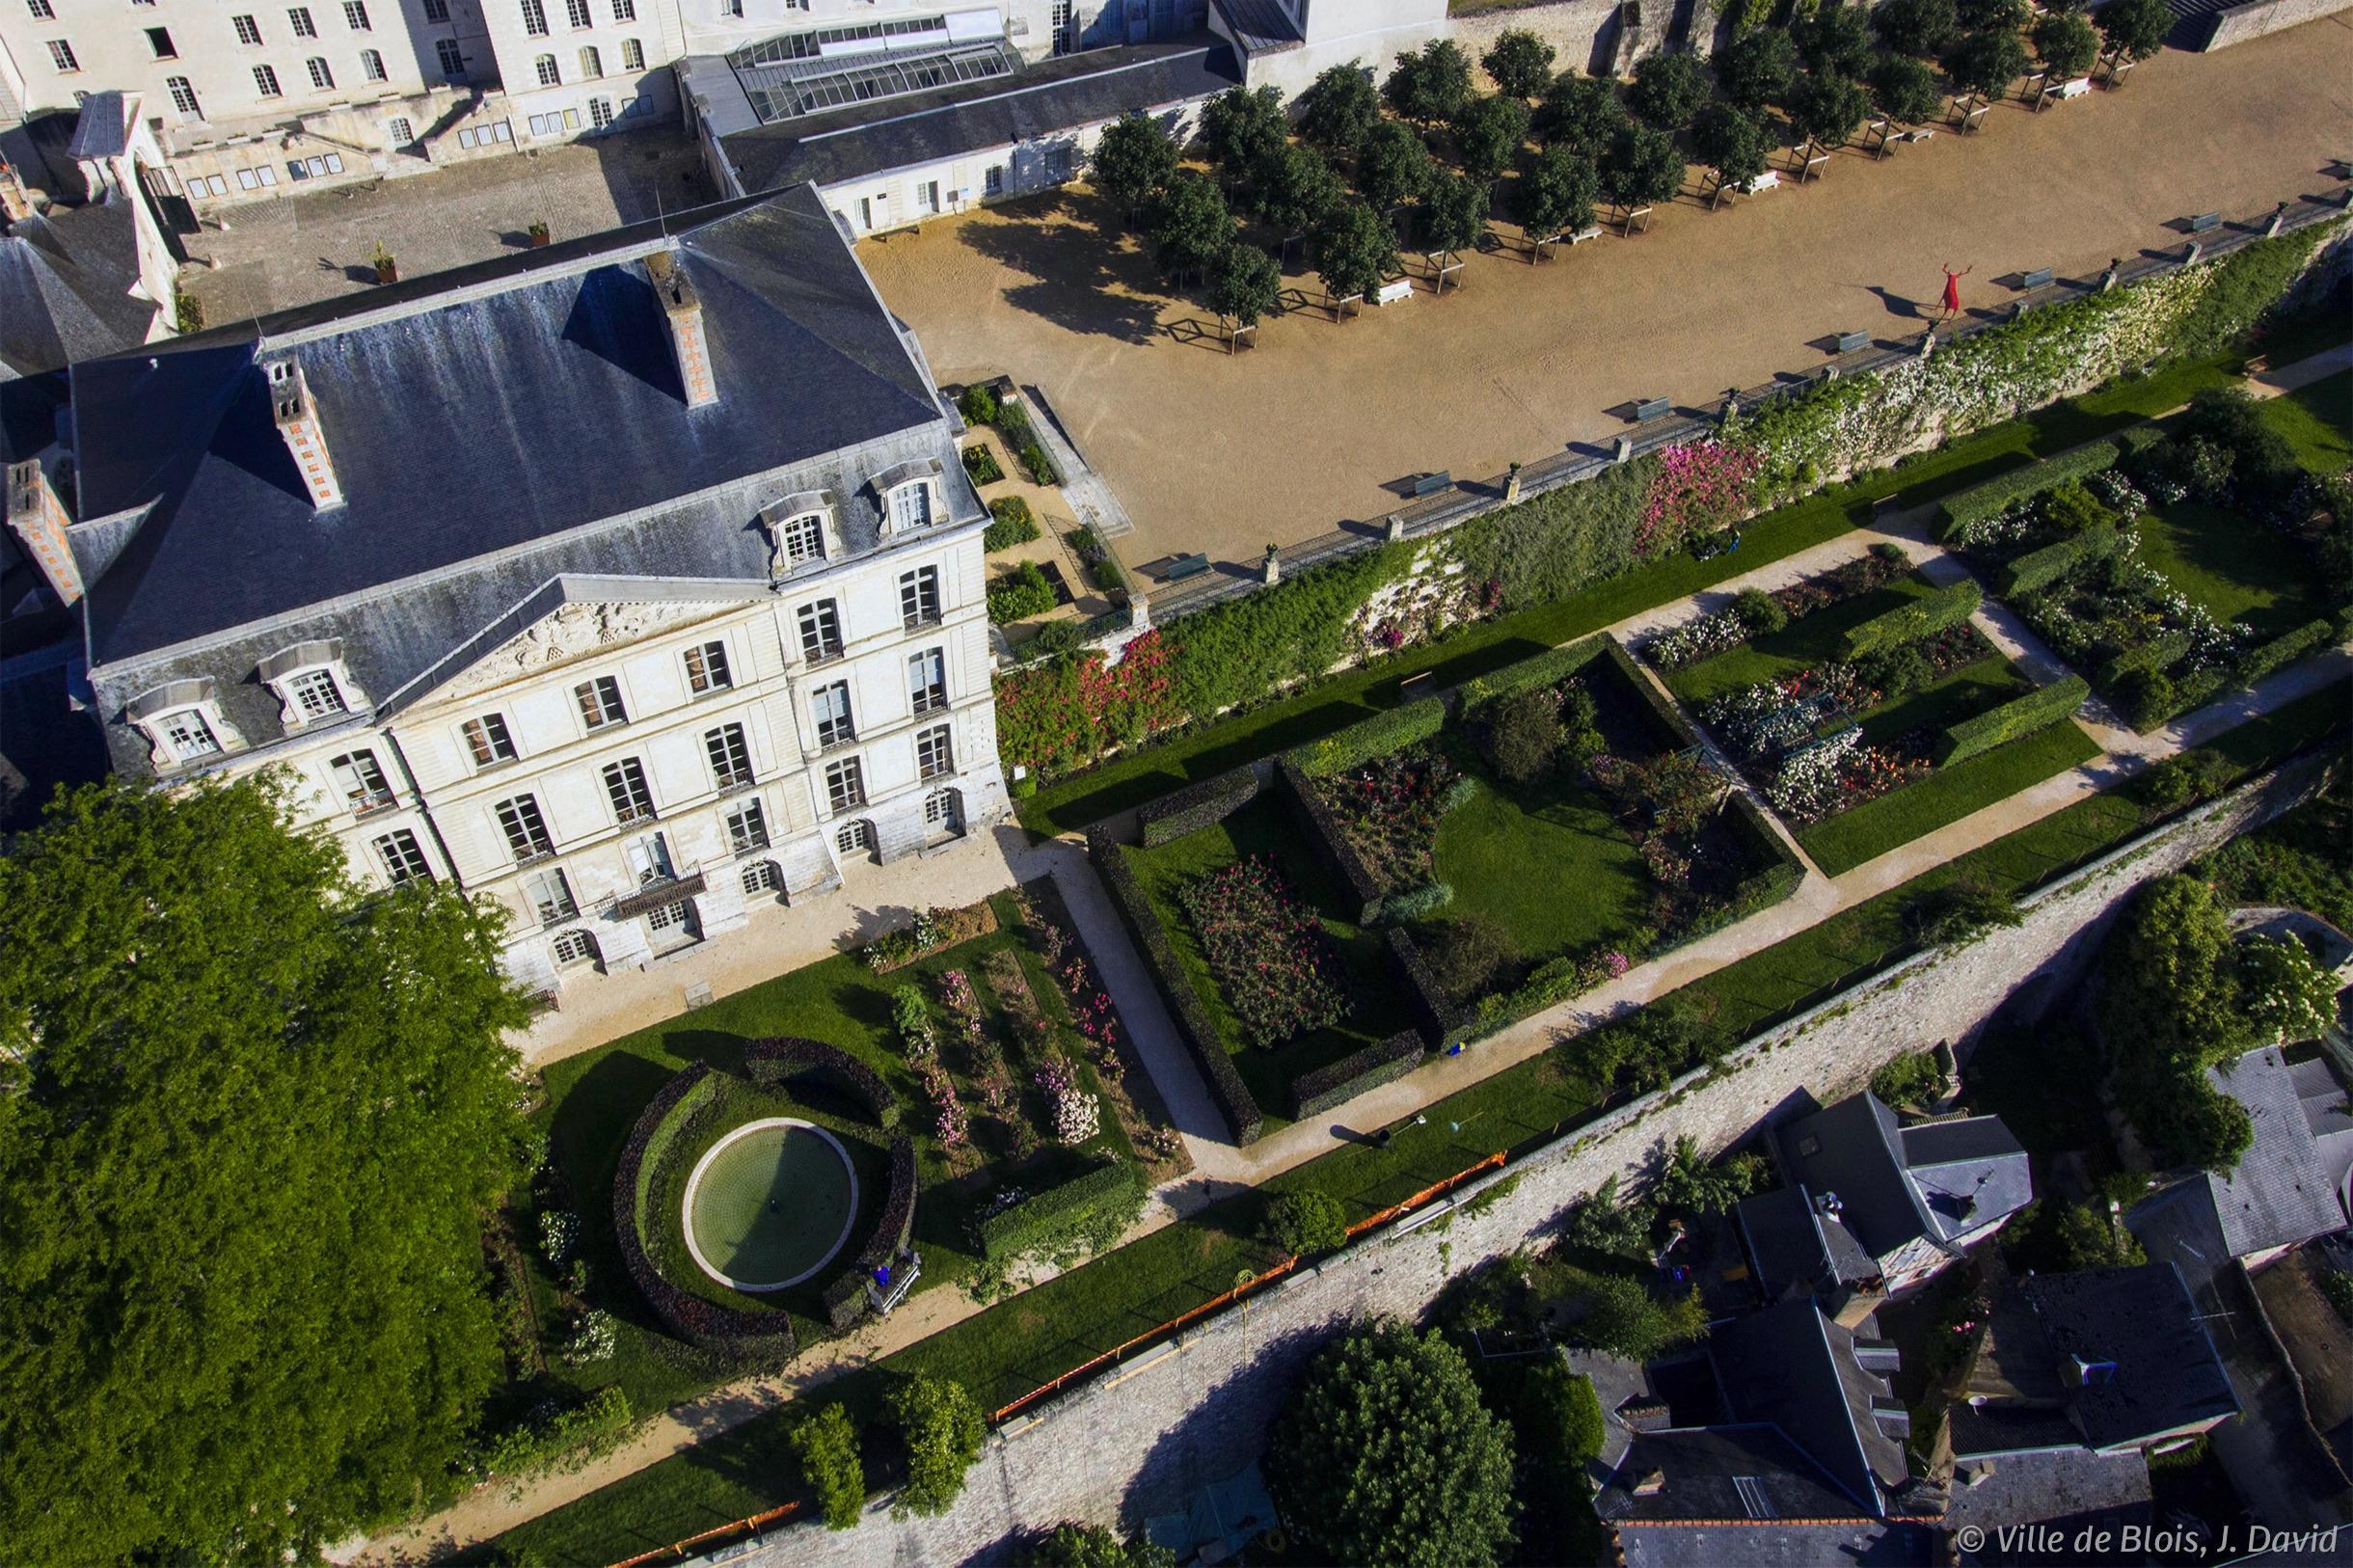 La roseraie et les terrasses des jardins de l'évêché, photographiées depuis le ciel.